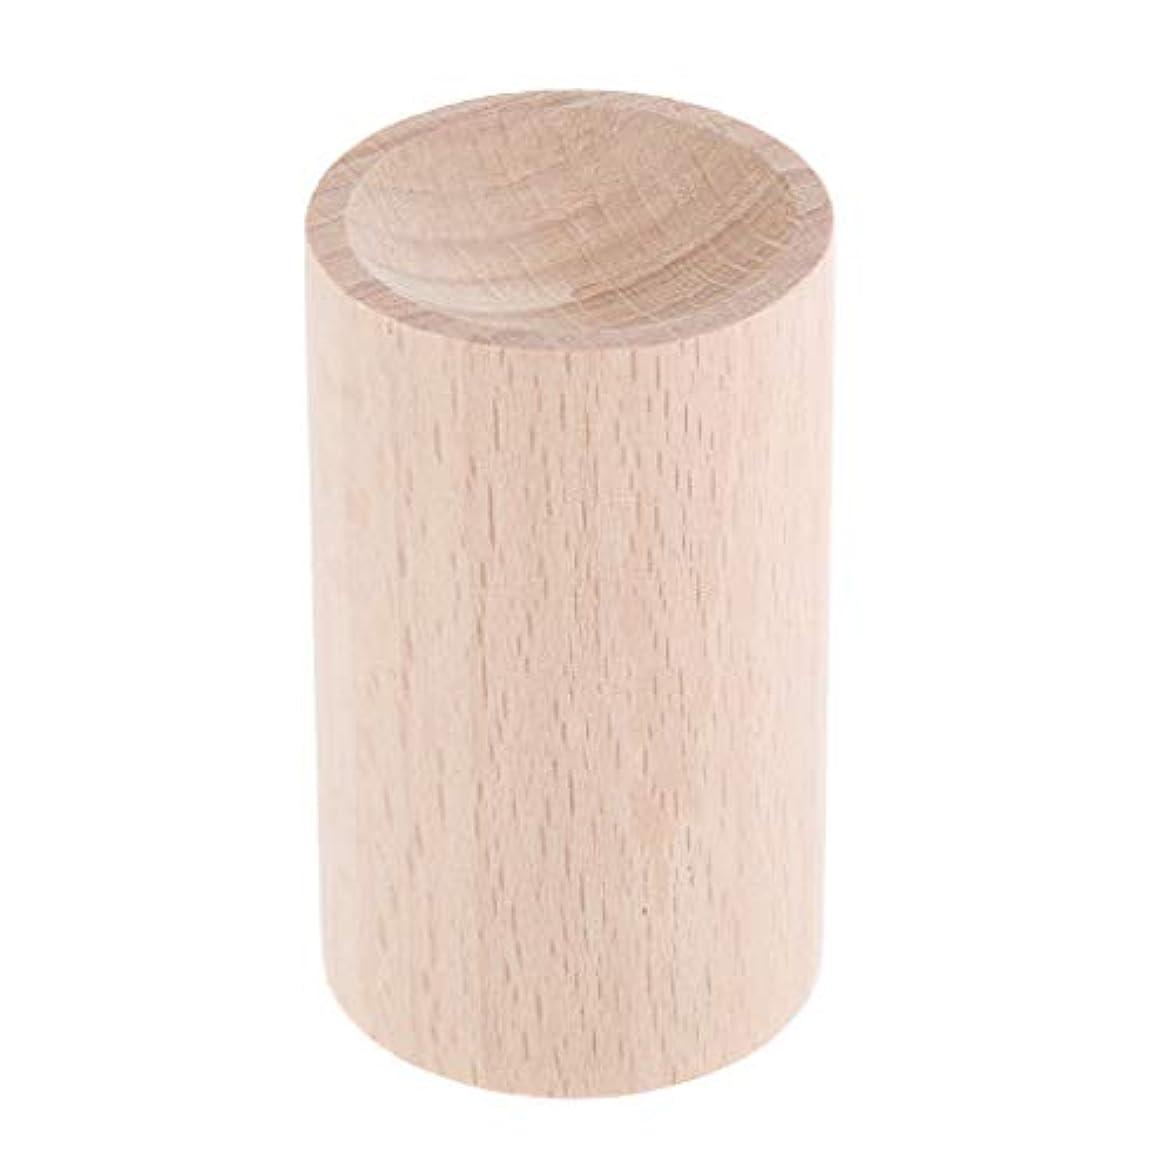 セント環境に優しいブラインドD DOLITY 天然木 ハンドメイド 手作り 空気清浄 エッセンシャルオイル 香水 アロマディフューザー 2種選ぶ - 01, 3.2cm